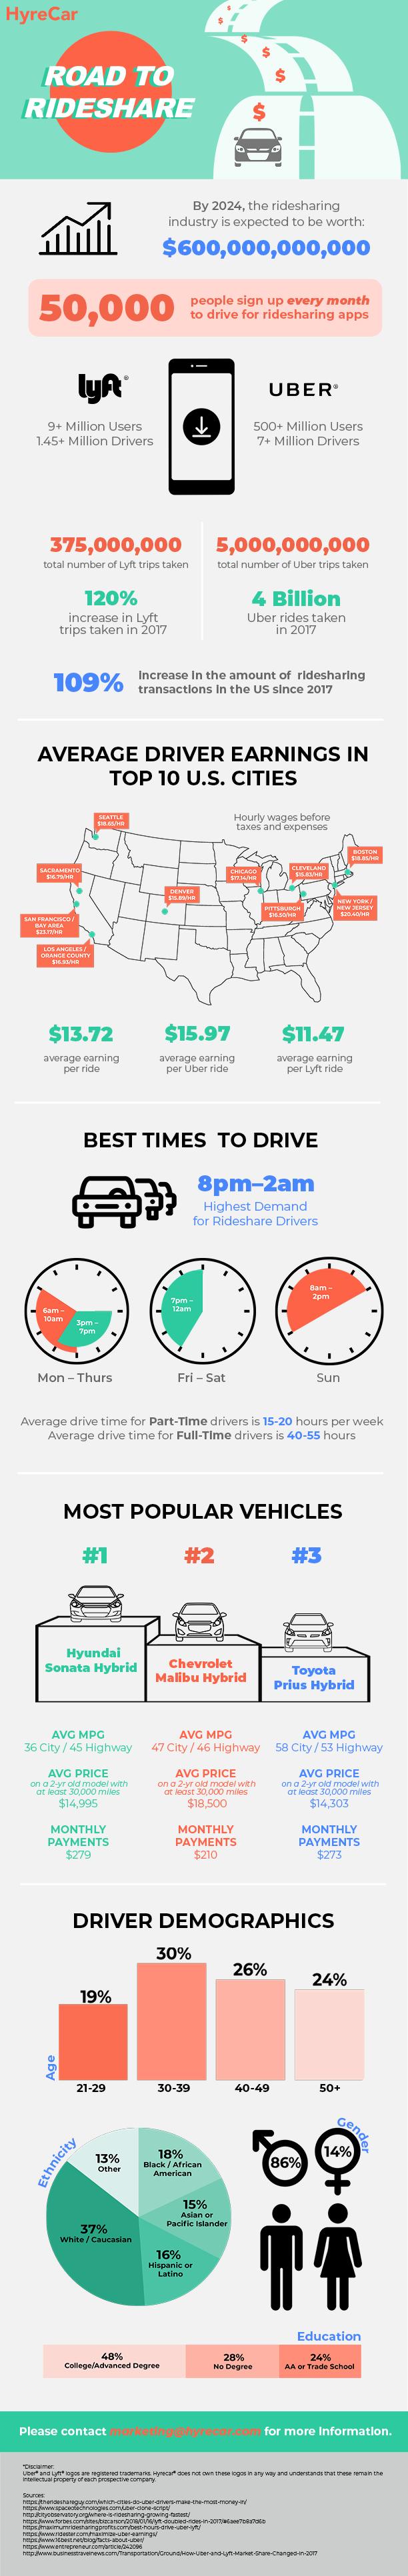 HyreCar- On-demand Rideshare Rentals